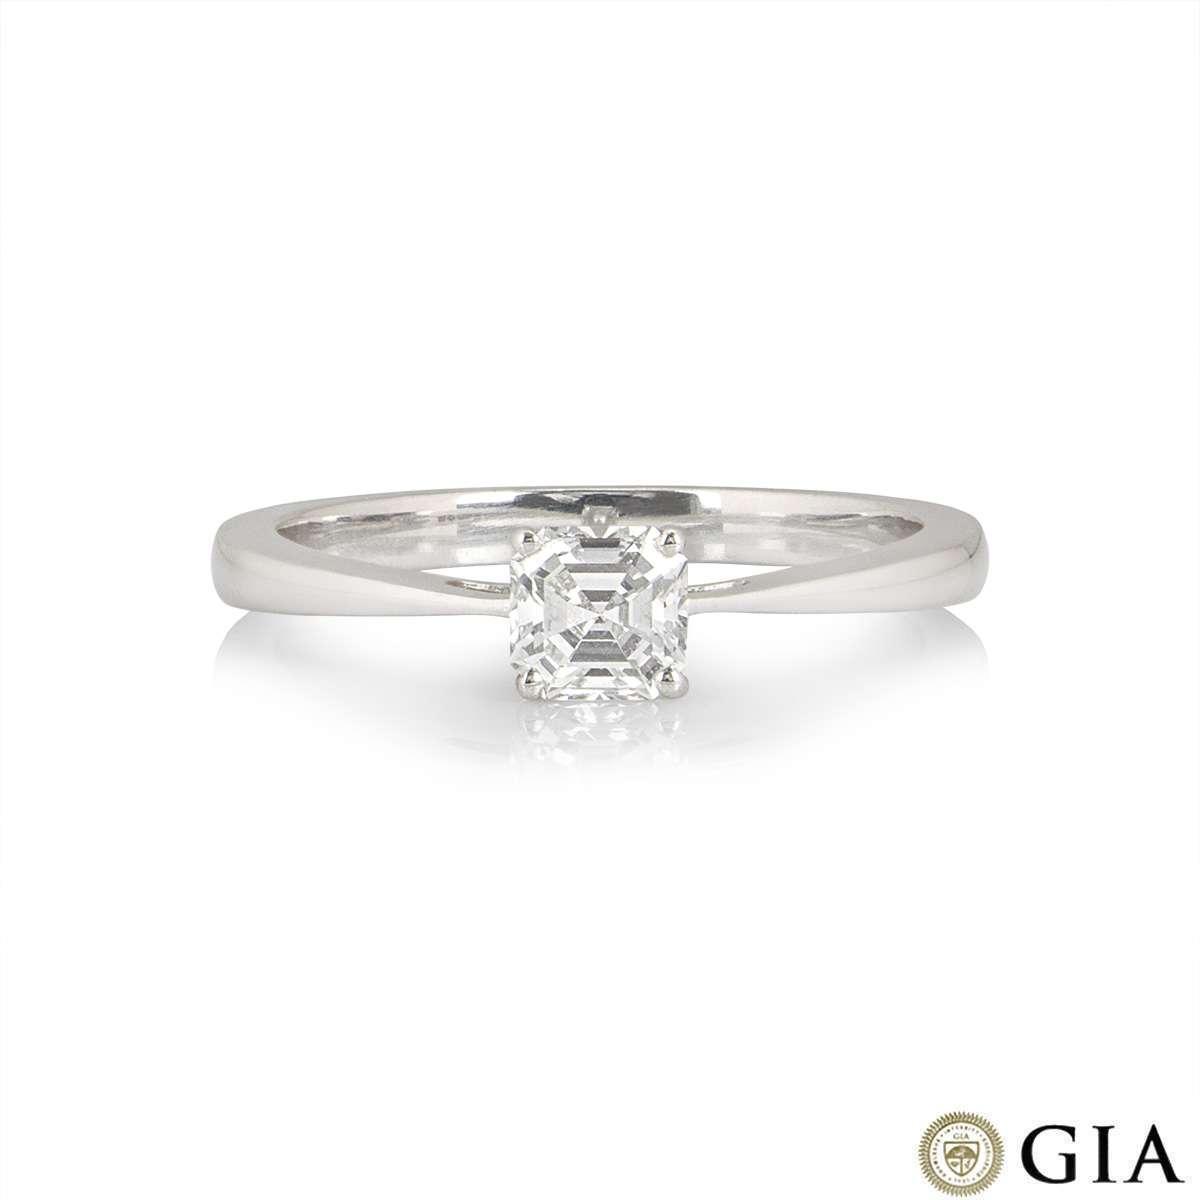 18k White Gold Asscher Cut Diamond Ring 0.51ct H/IF RD1018A